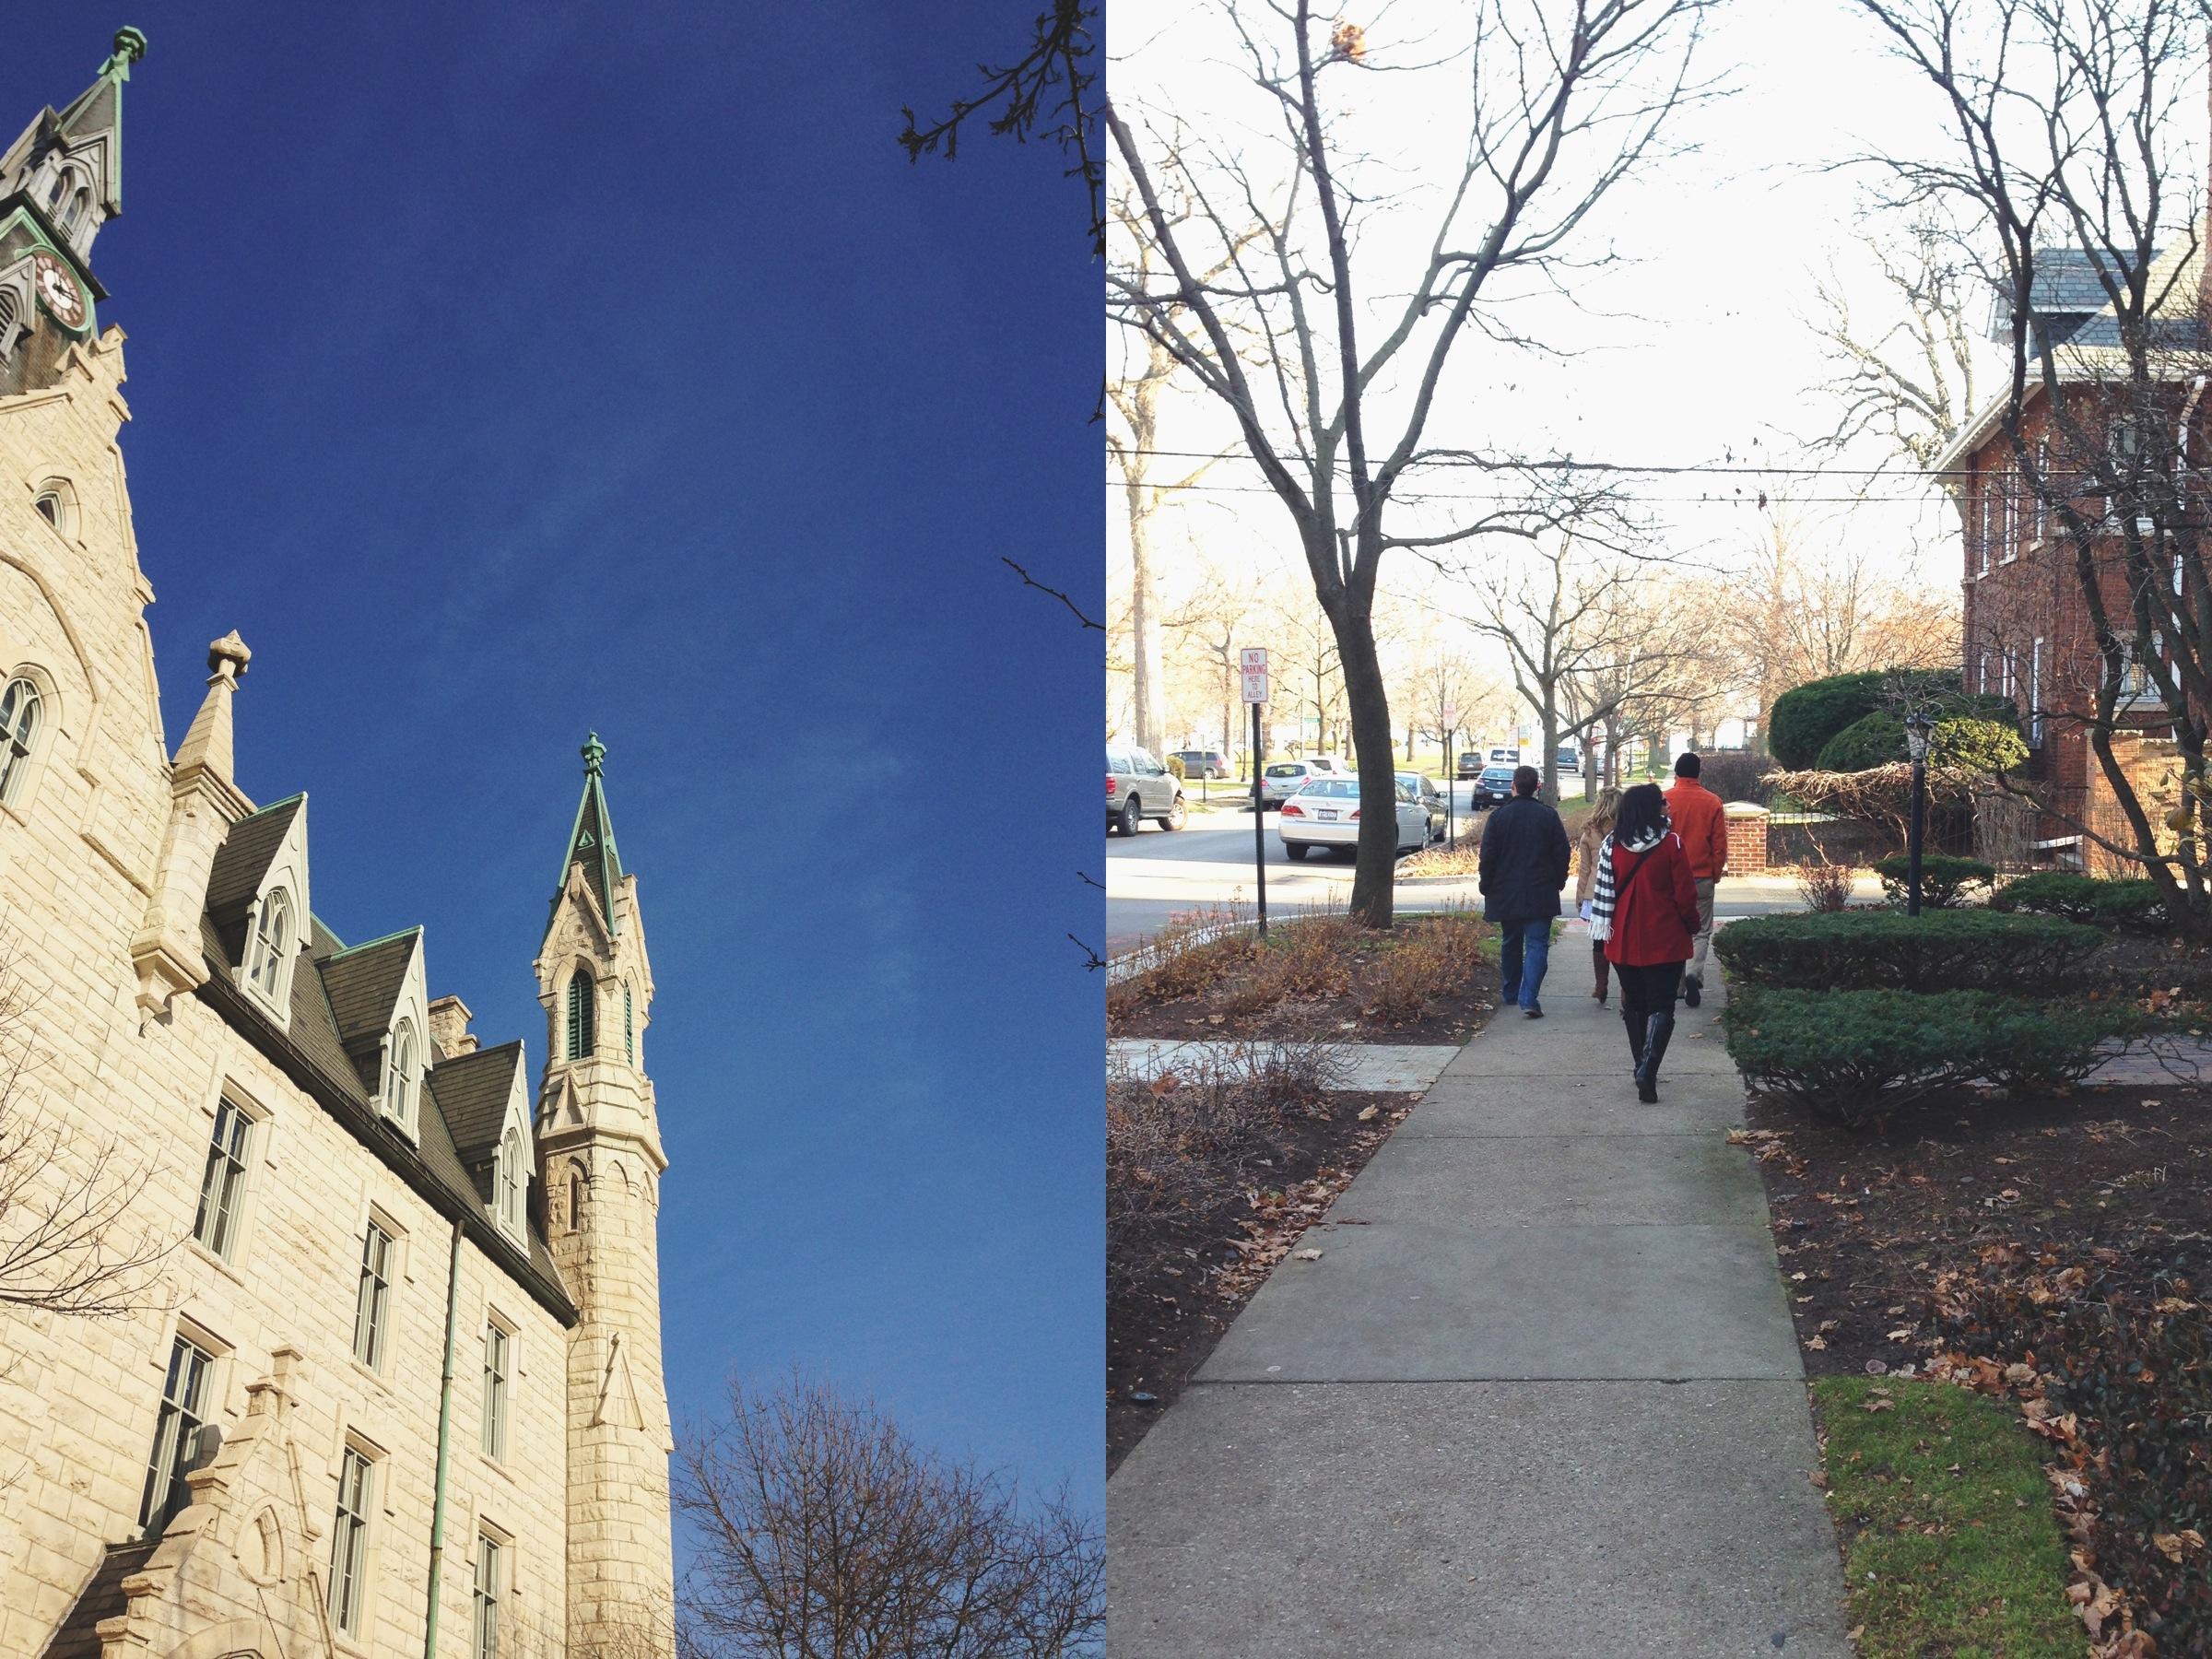 evanston | northwestern university